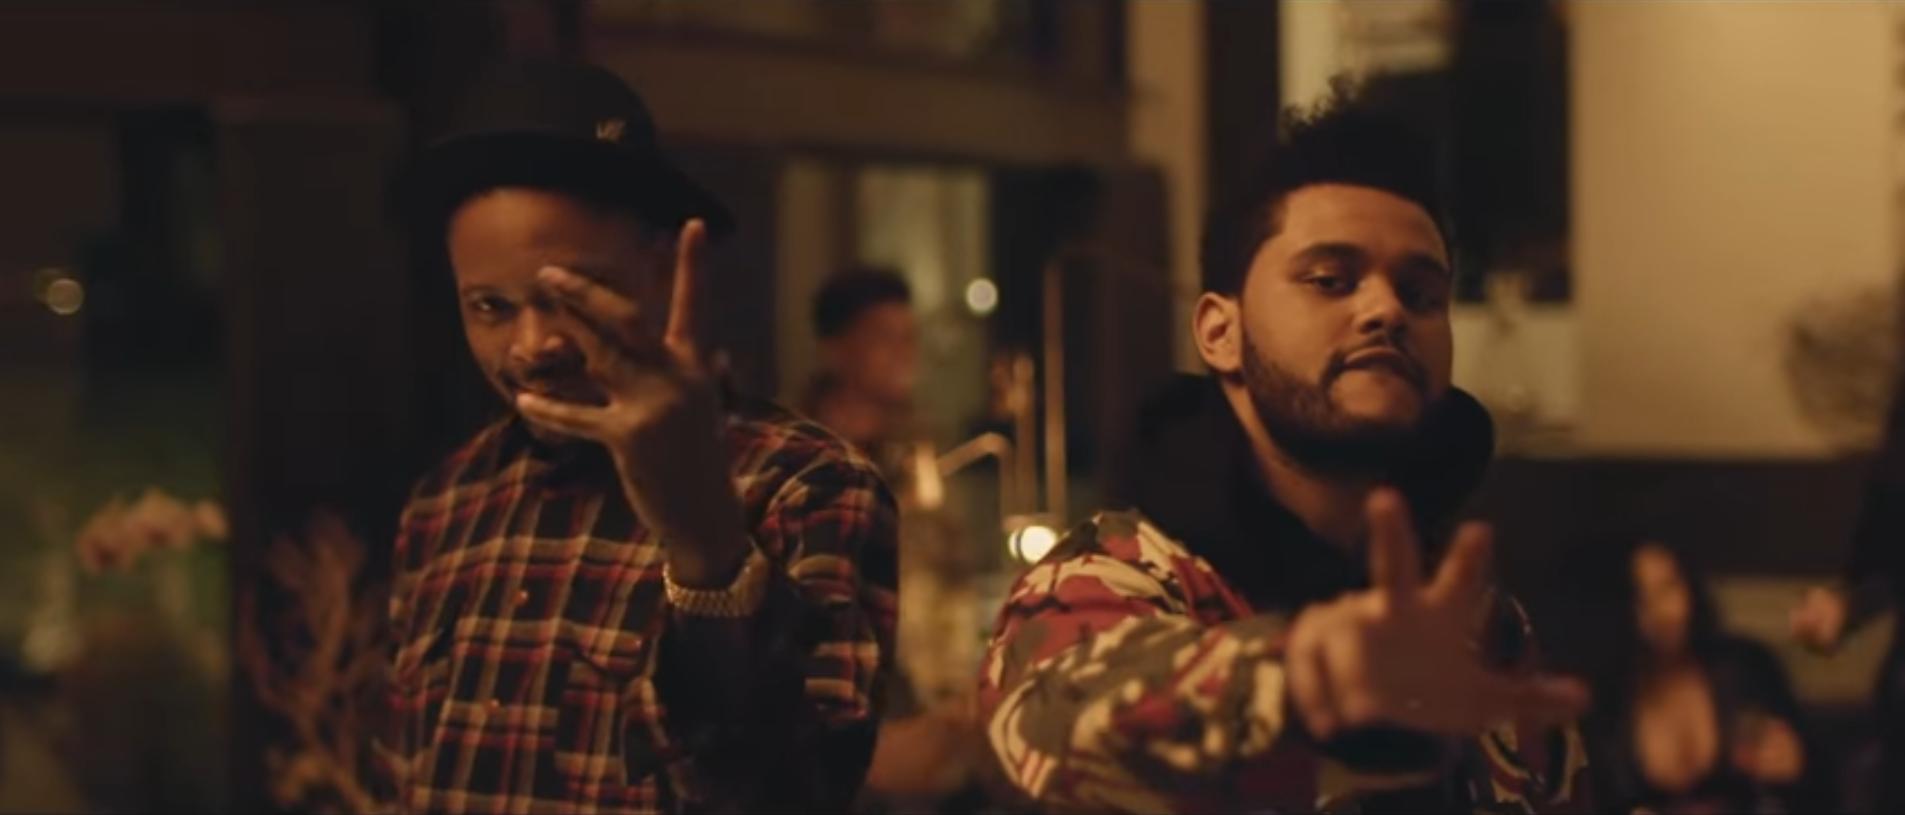 """Minhas músicas preferidas: 4. """"Reminder"""", de The Weeknd"""